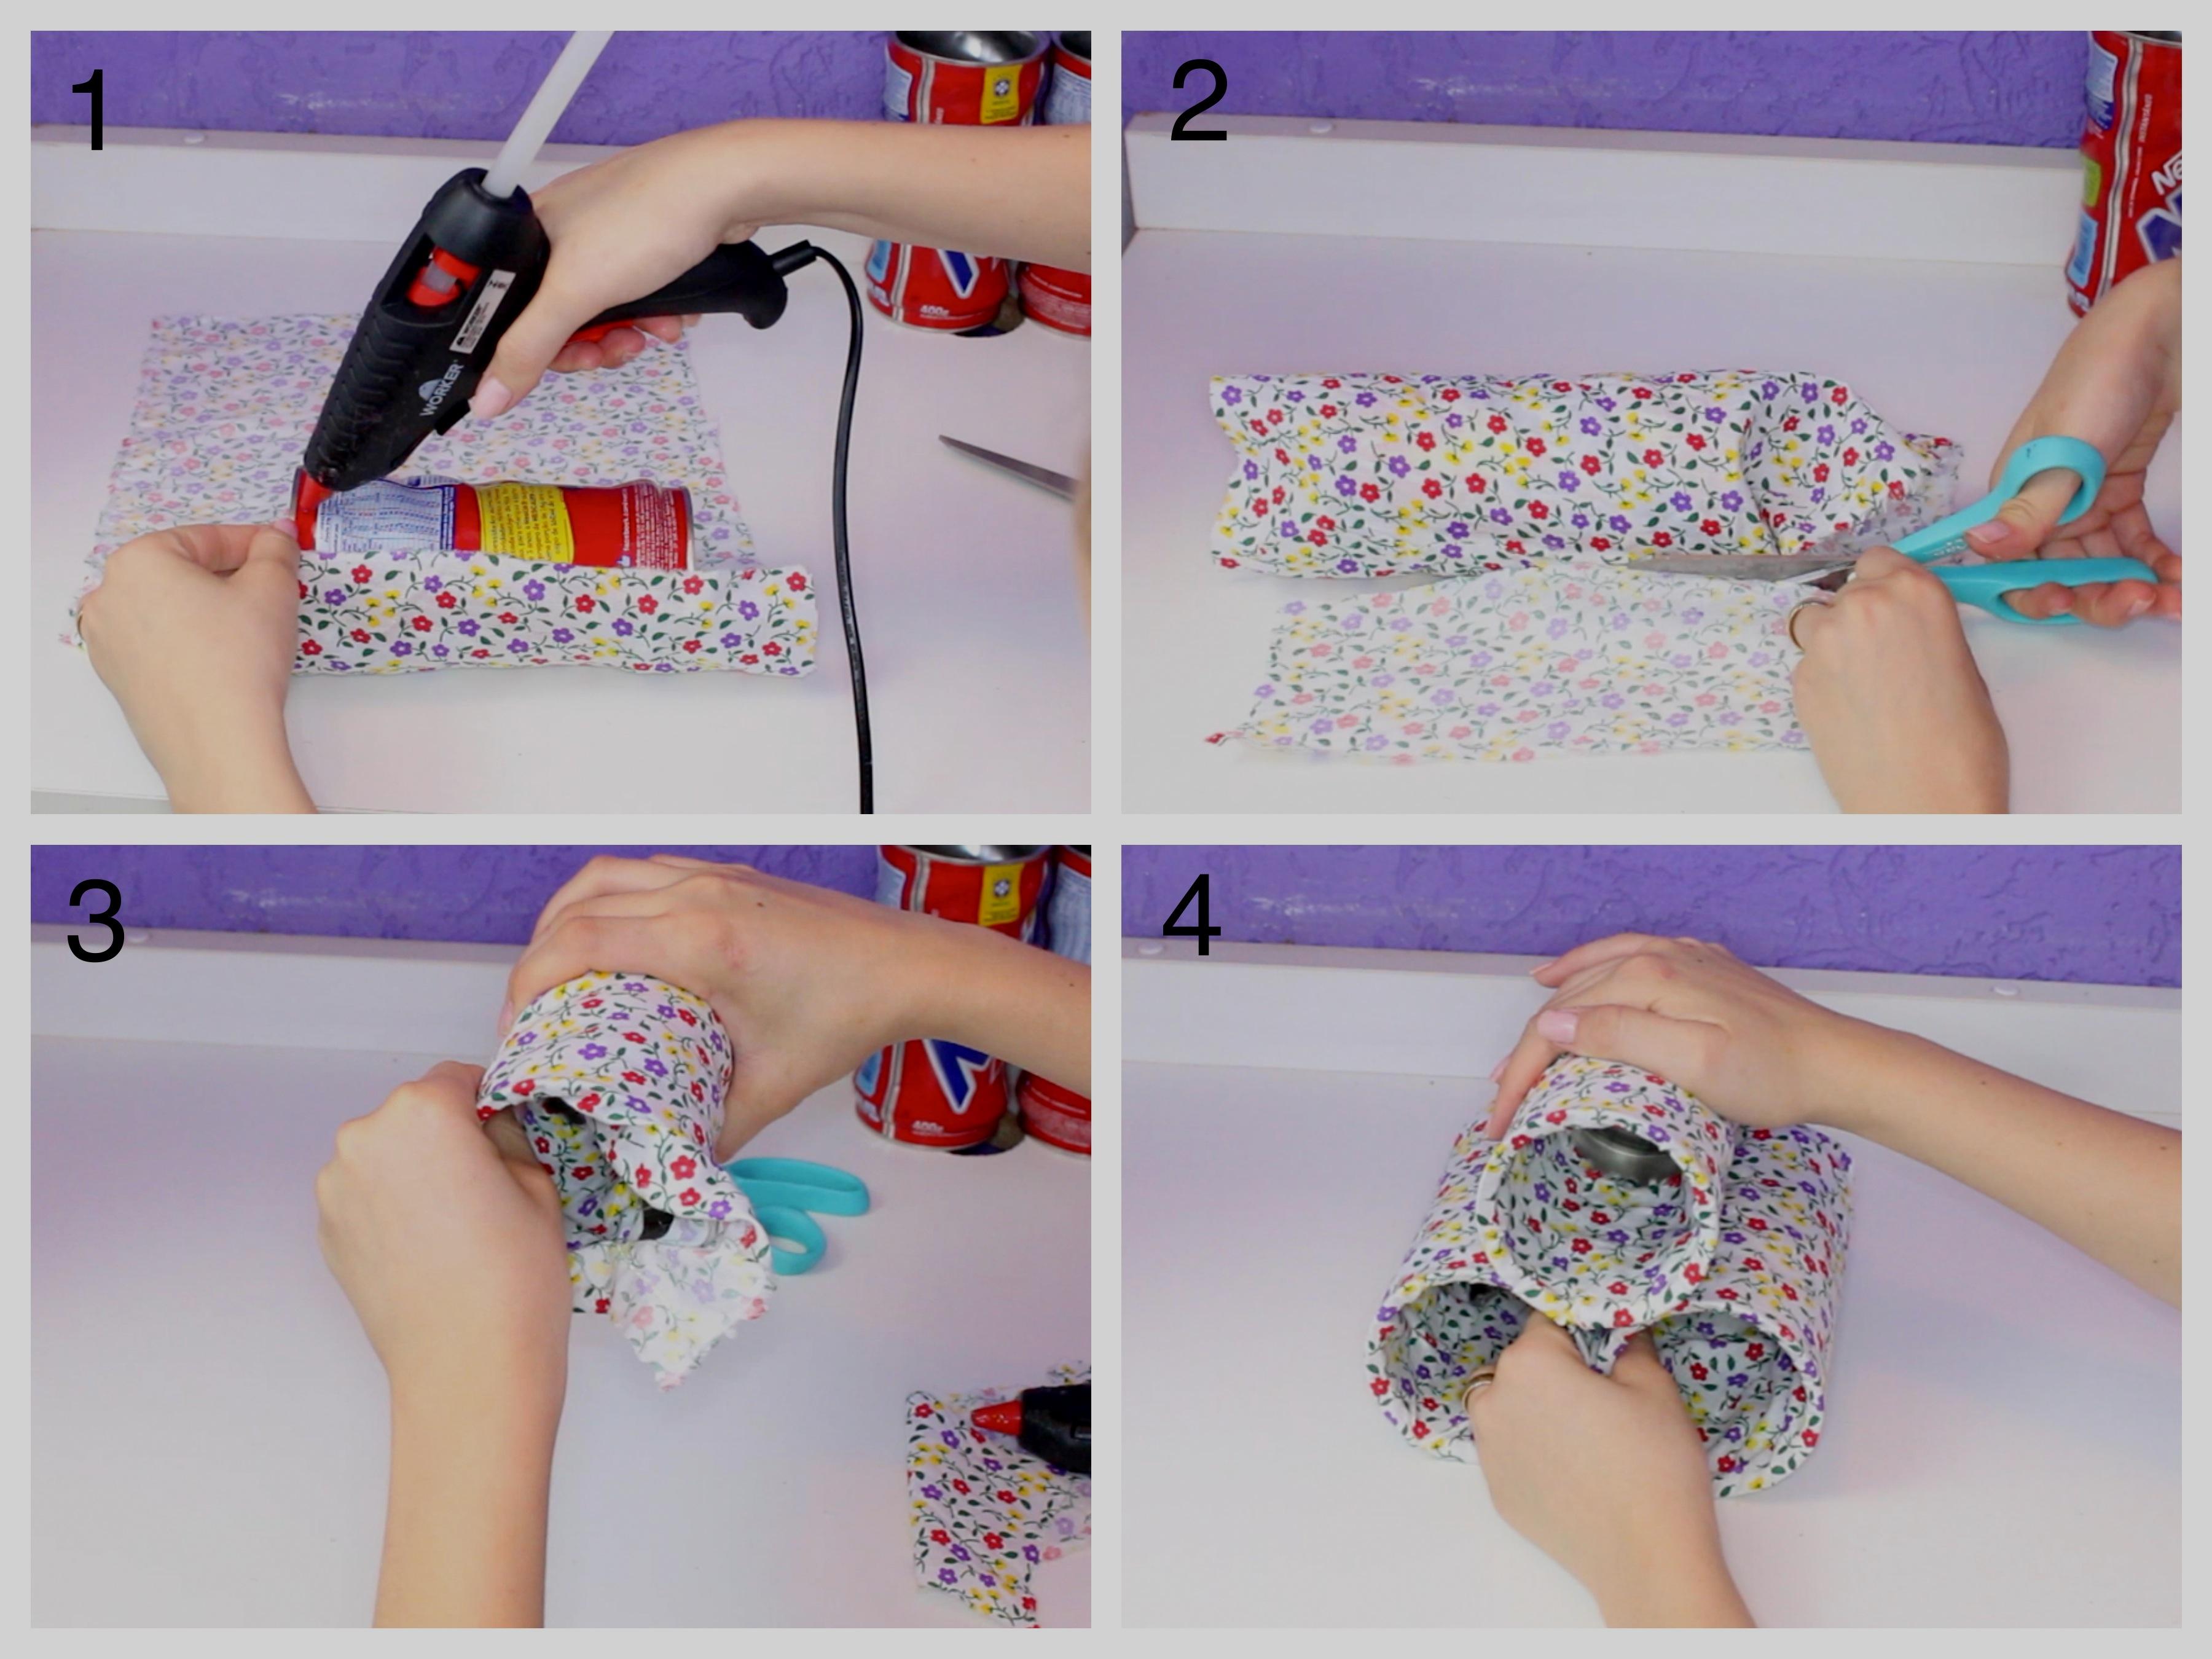 Blog De Moda Feminina P Gina 2 Daiane Portela ~ Como Decorar Quarto Feminino Com Material Reciclavel